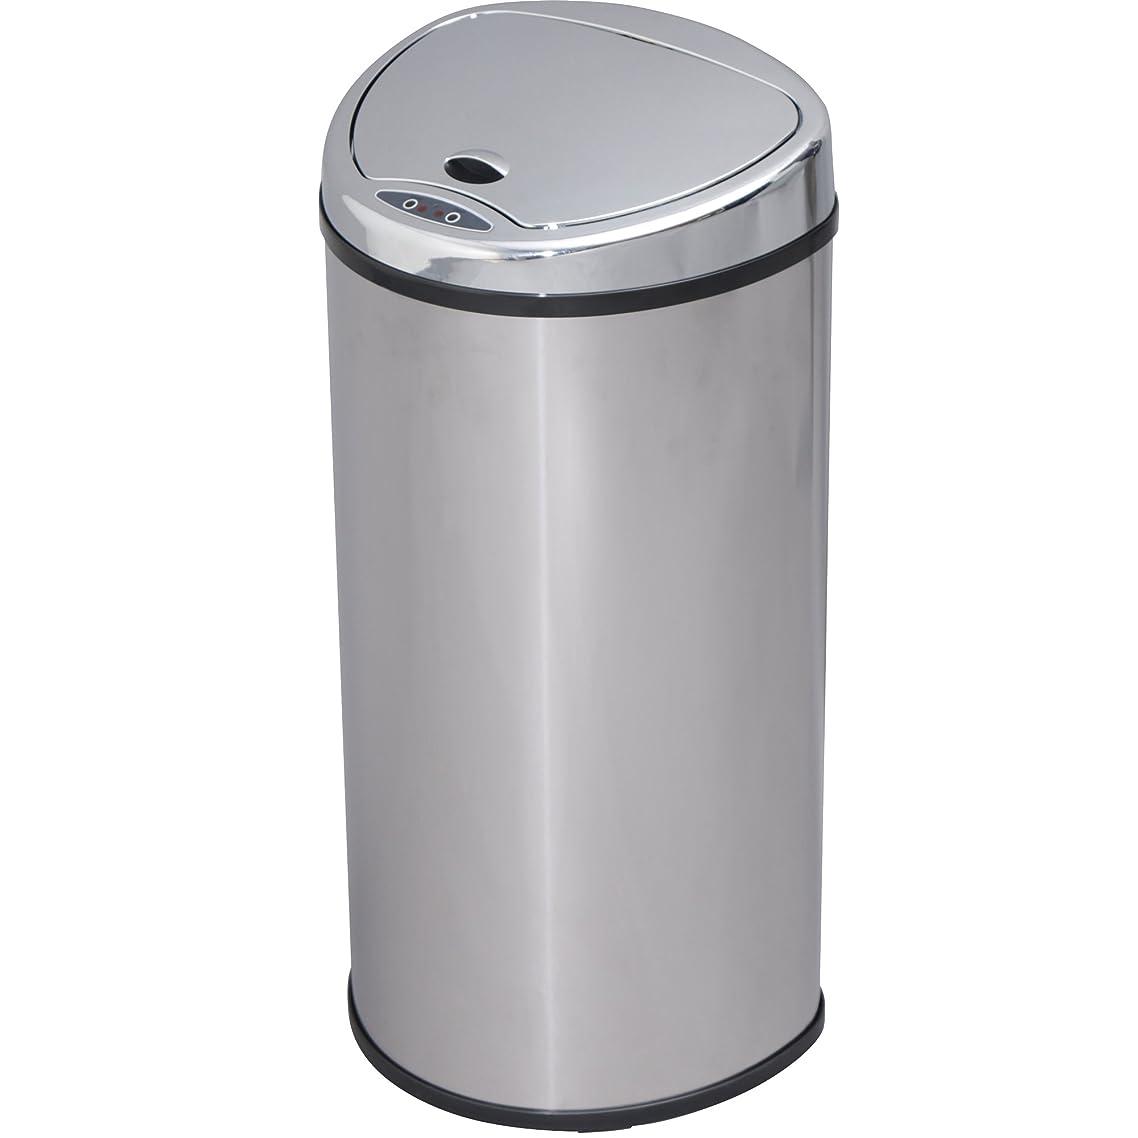 タブレット松構造的アイリスプラザ ゴミ箱 自動 開閉 センサー付 68L シルバー